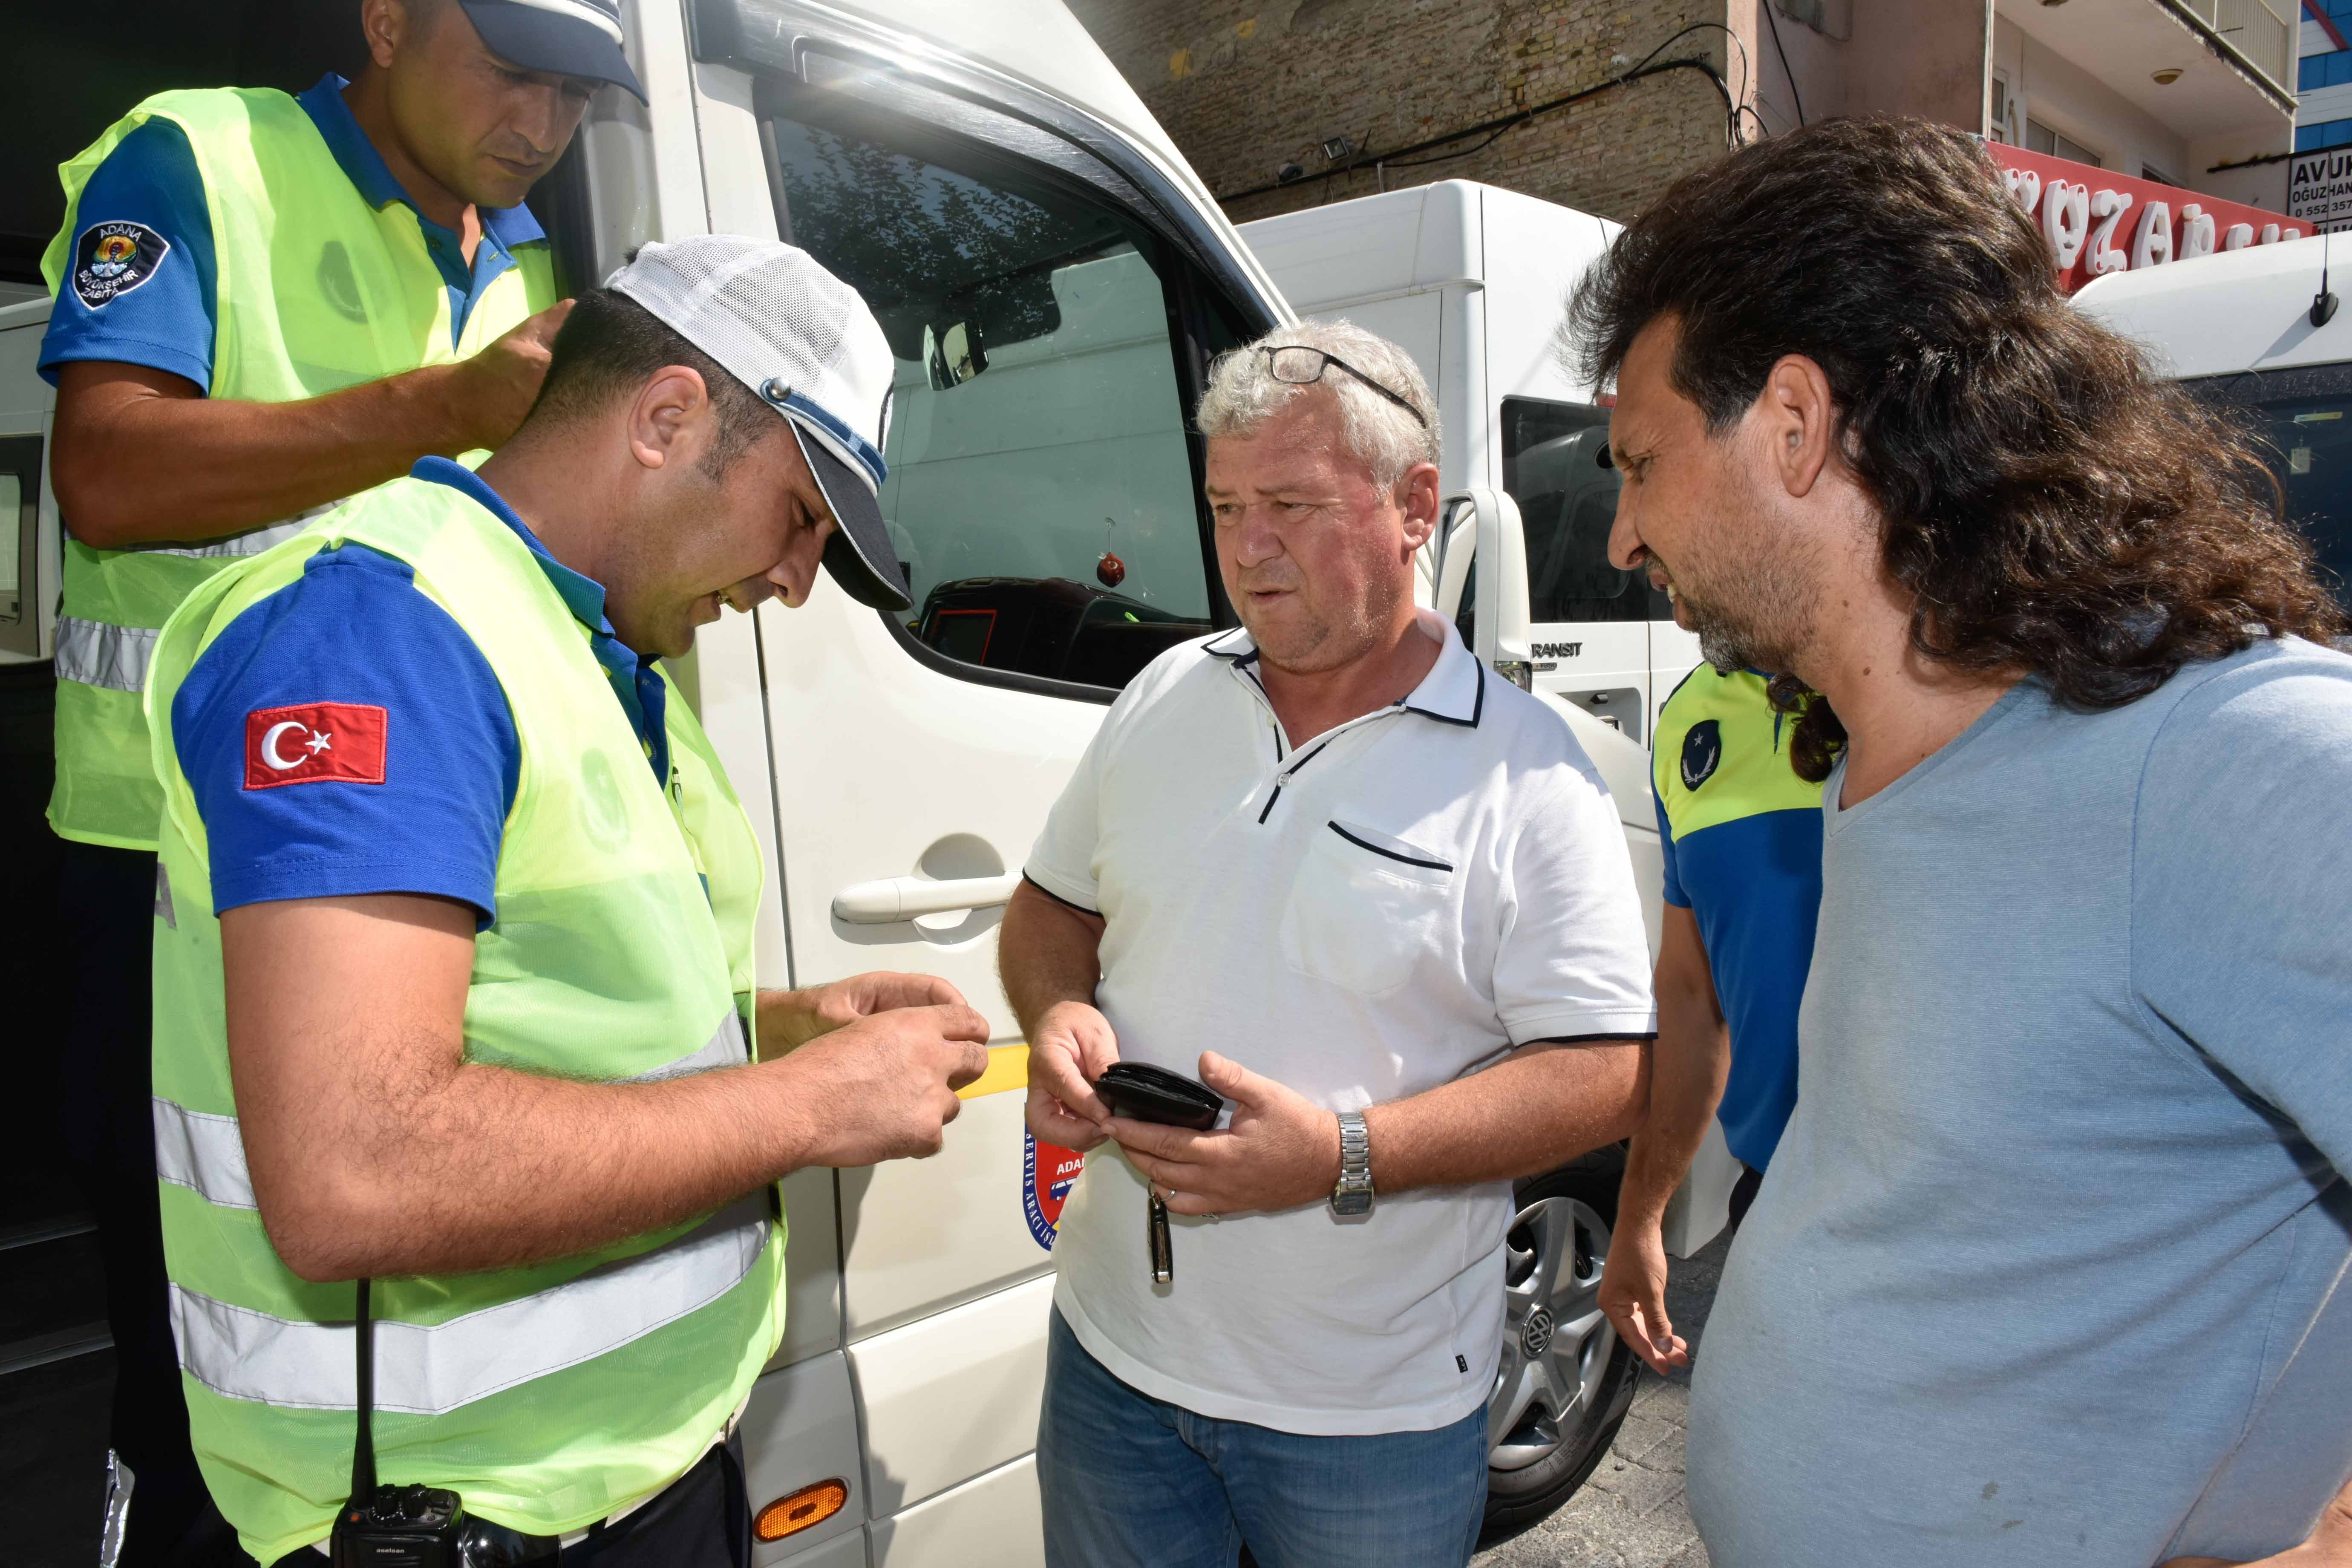 Adana'da öğrencilerin can güvenliği için Büyükşehir zabıtası denetimleri arttırdı